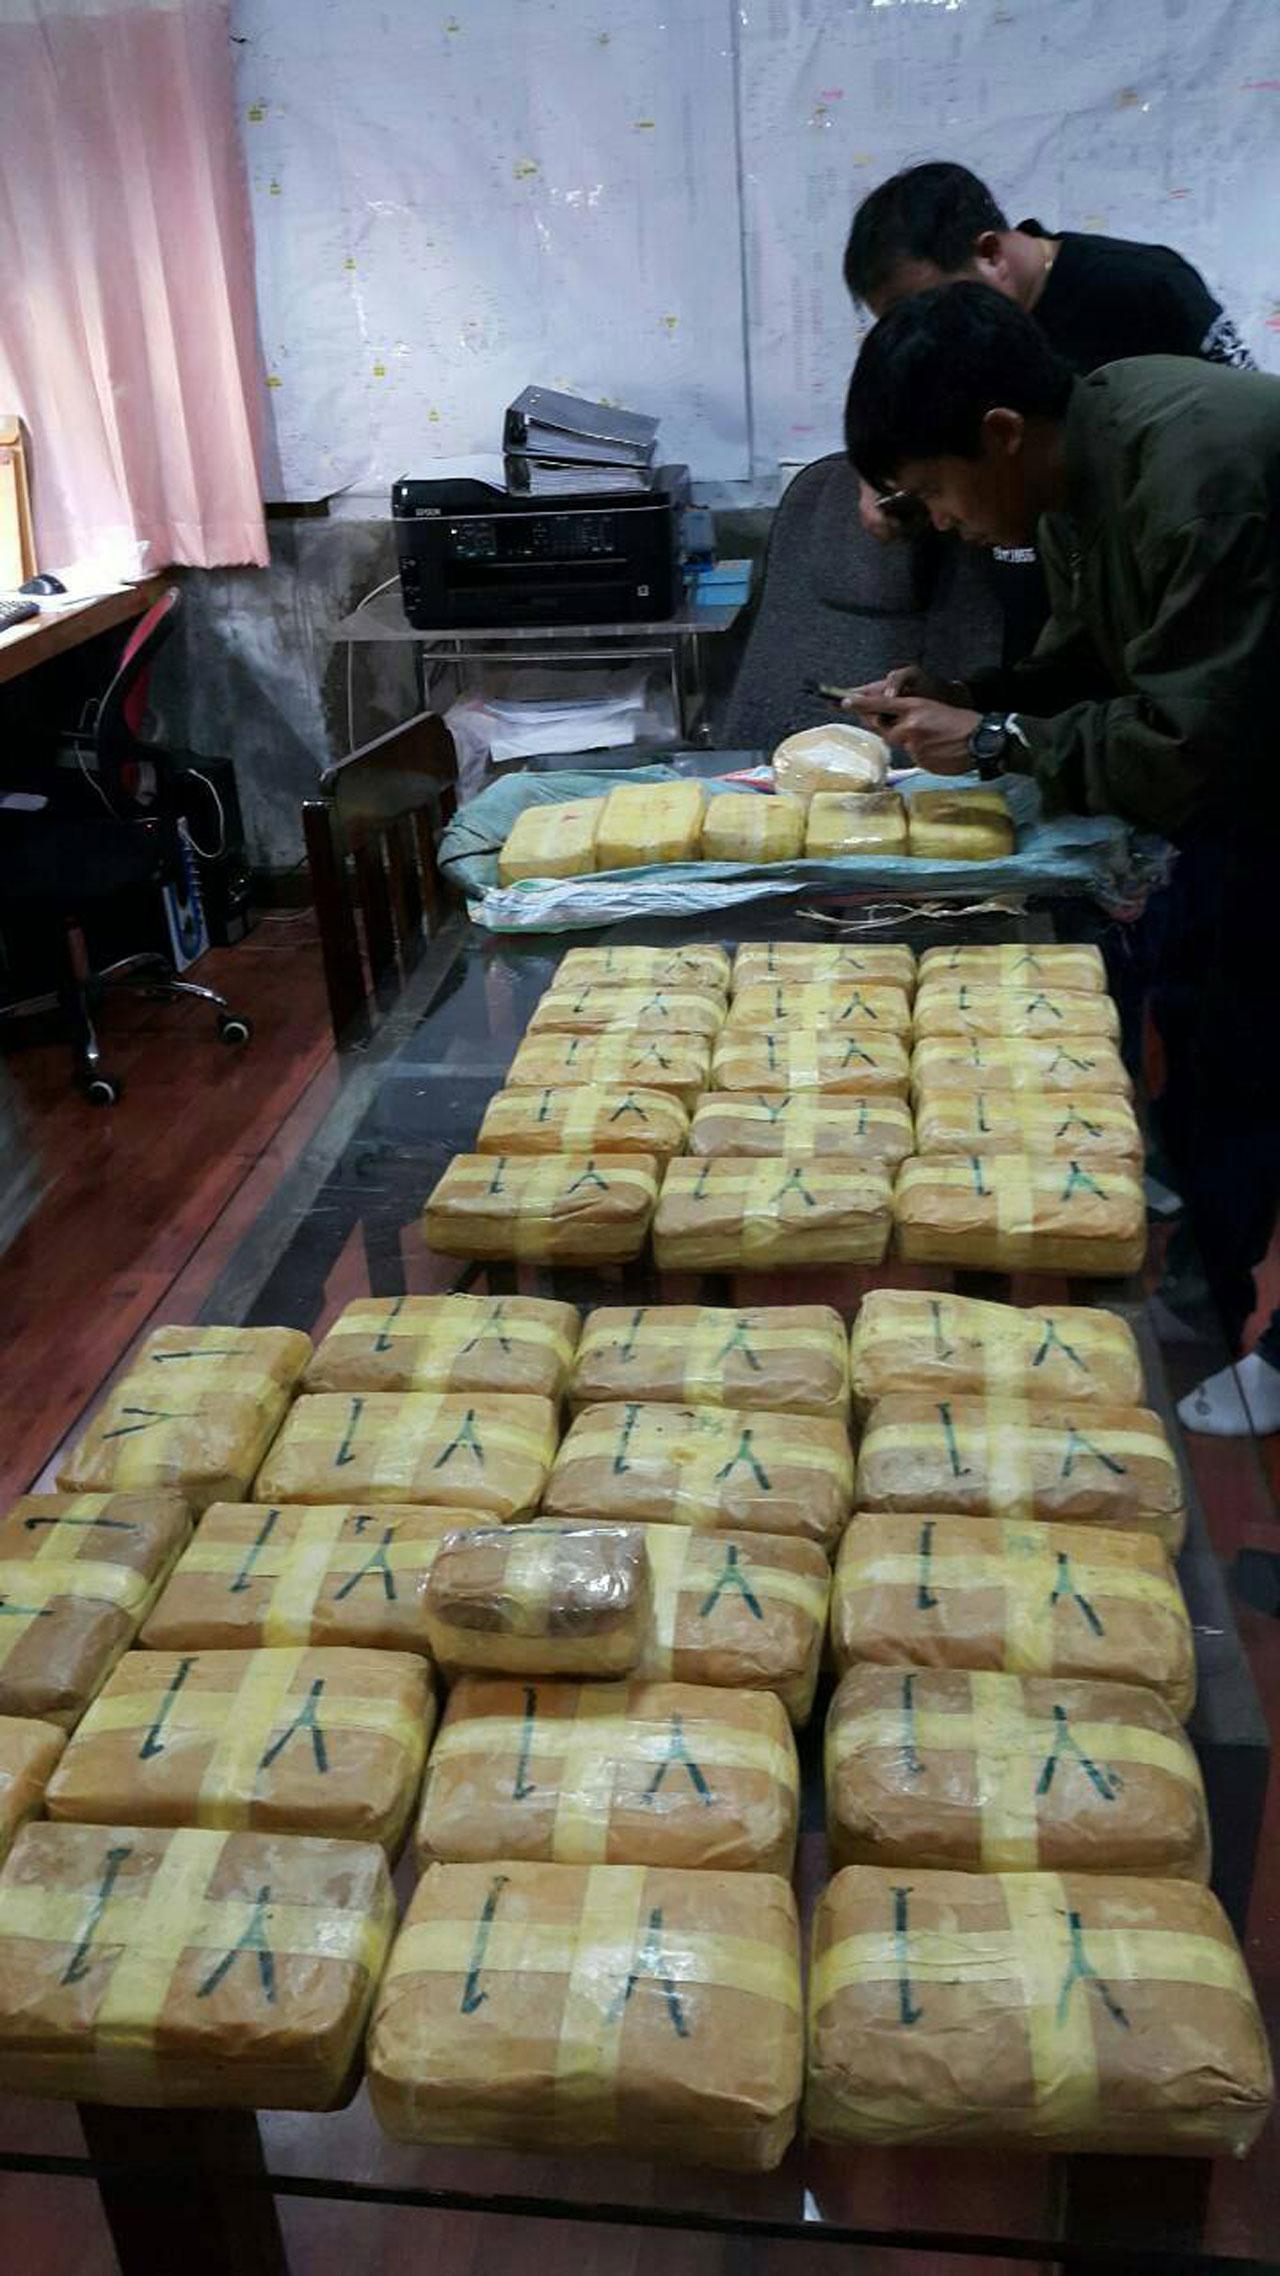 ยาบ้าของกลาง 125 มัด มัดละ 2,000 เม็ด รวม 250,000 เม็ด